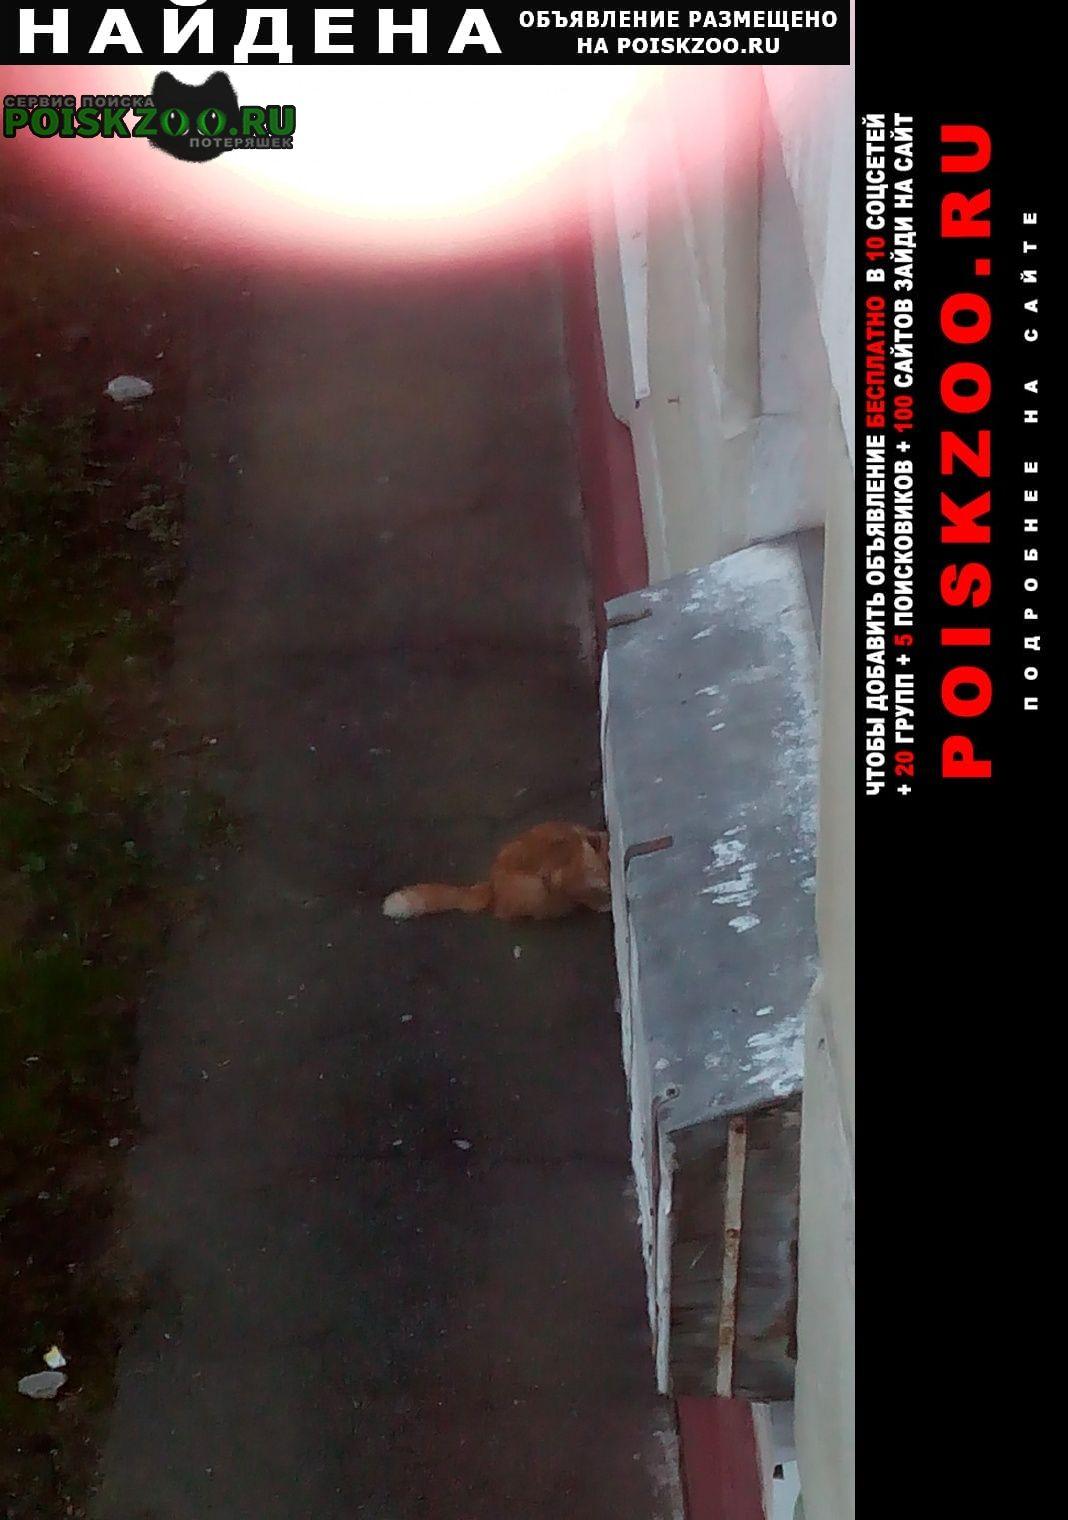 Найдена кошка московский район Санкт-Петербург